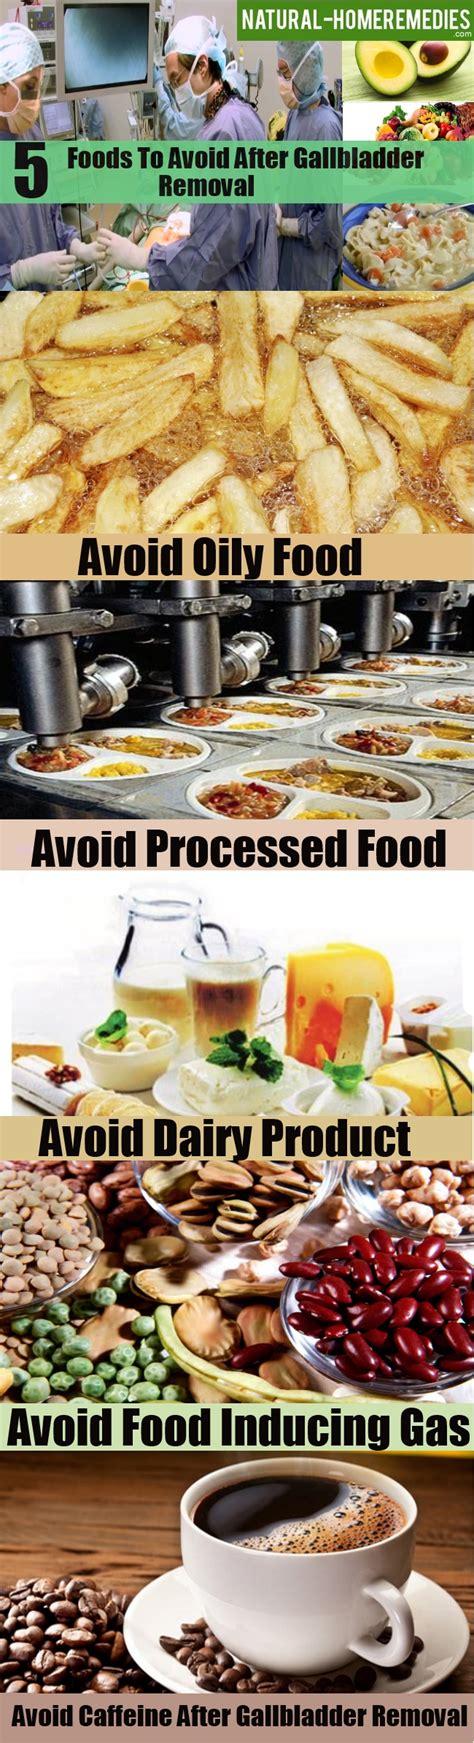 foods  avoid  gallbladder removal diet  avoid